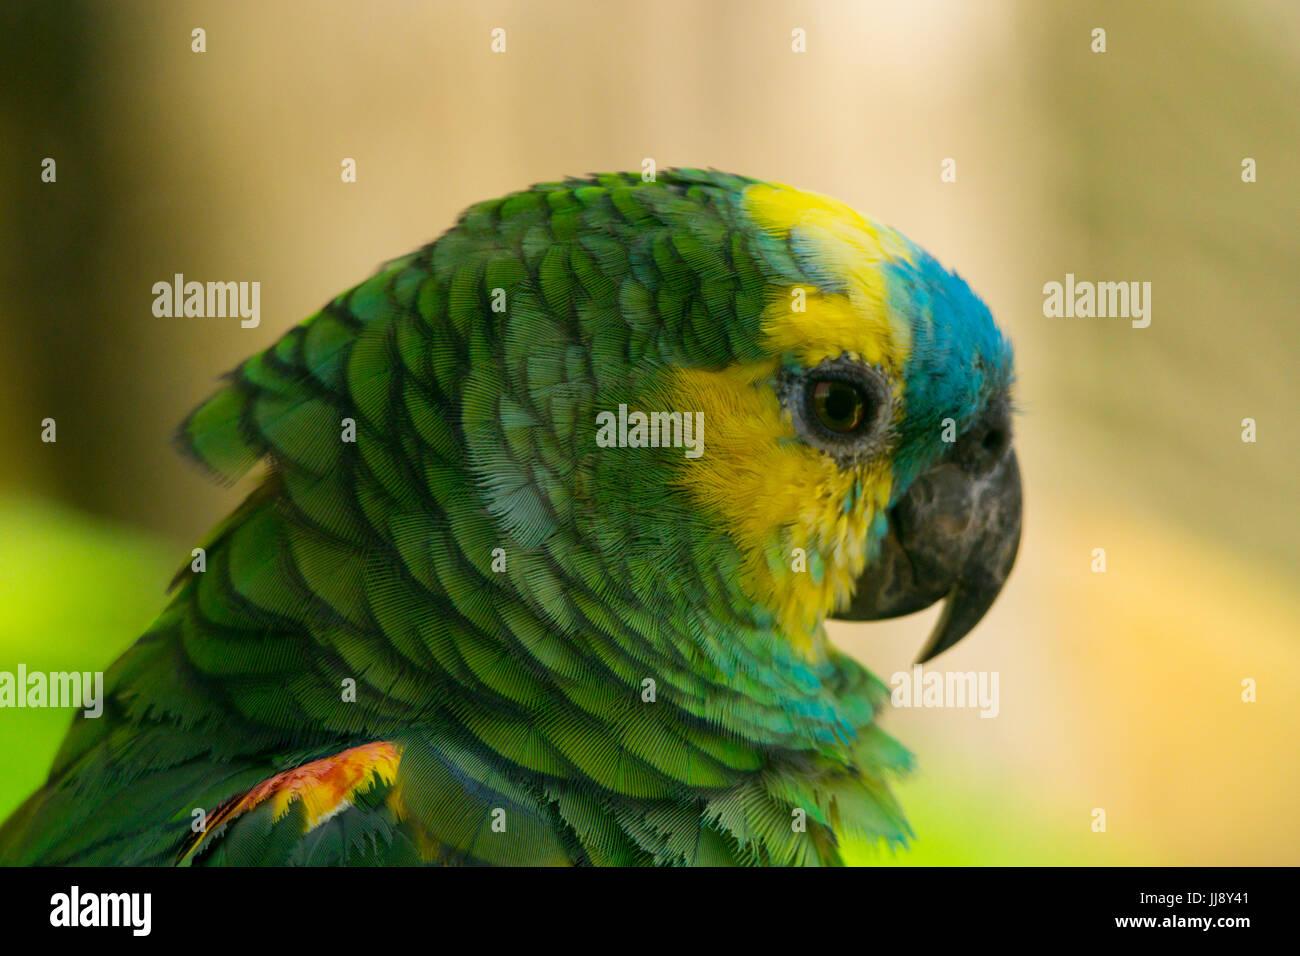 Cerrar macro retrato de un loro. Azul, amarillo y verde de plumas. Rainbow Lorikeet Foto de stock